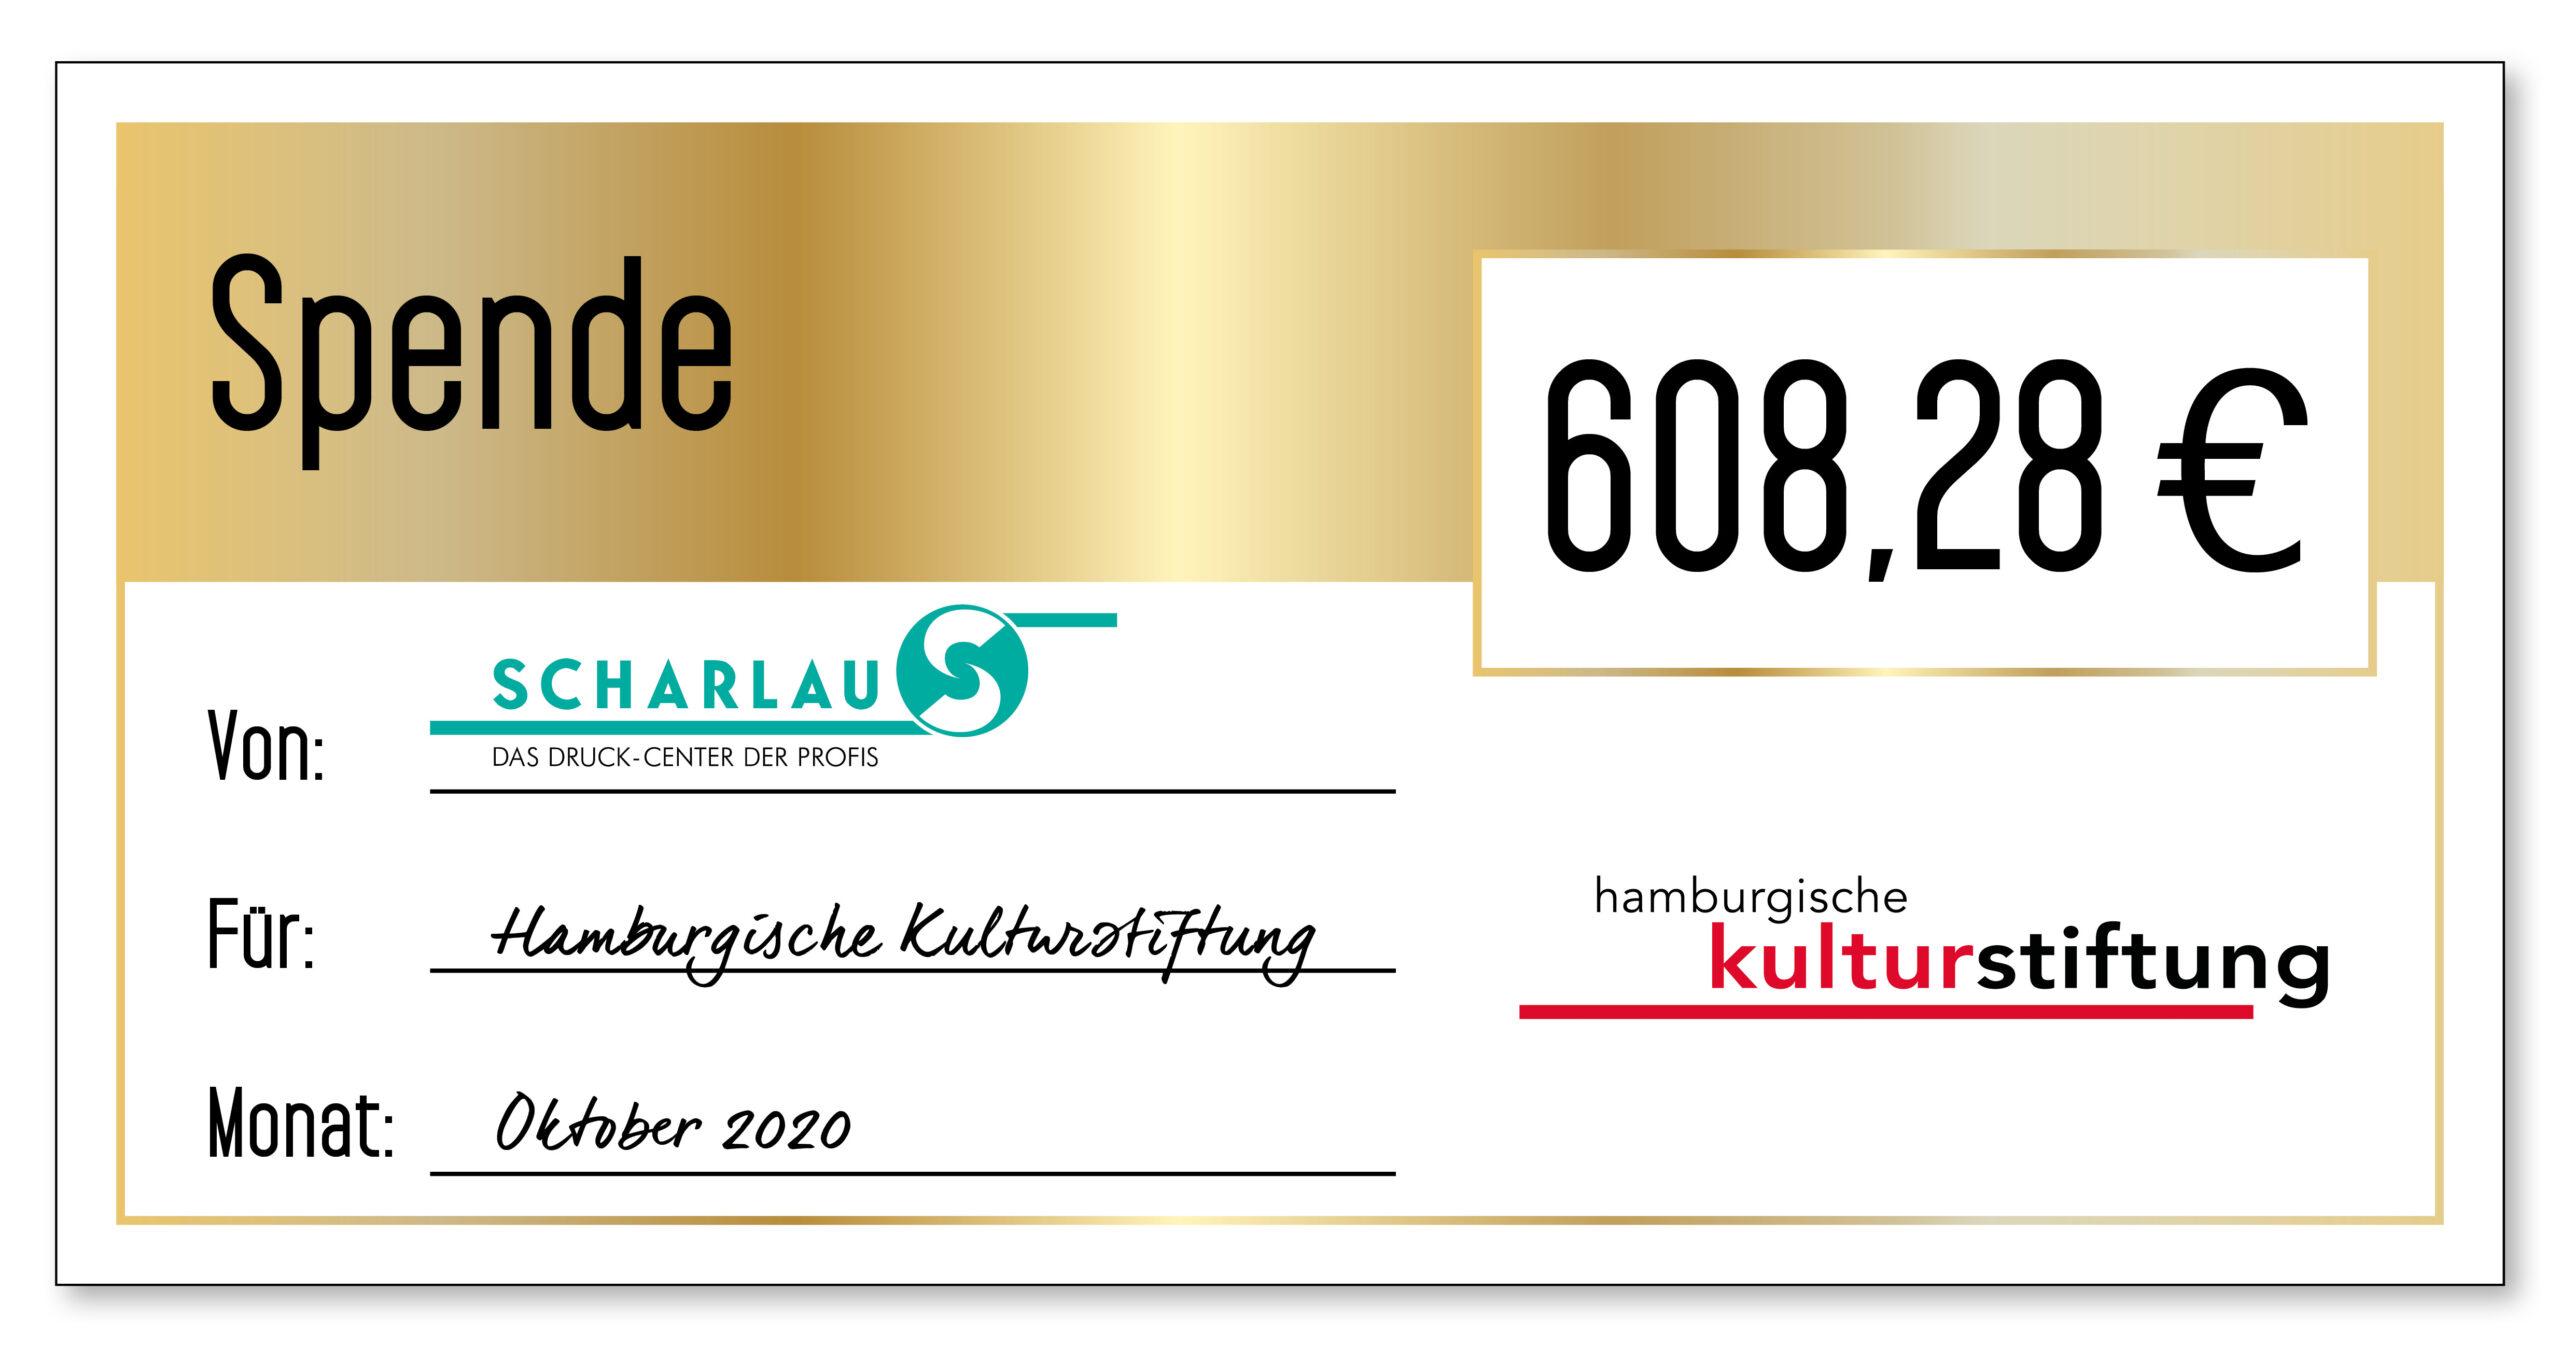 Spendenscheck an die Hamburgische Kulturstiftung im Oktober 2020